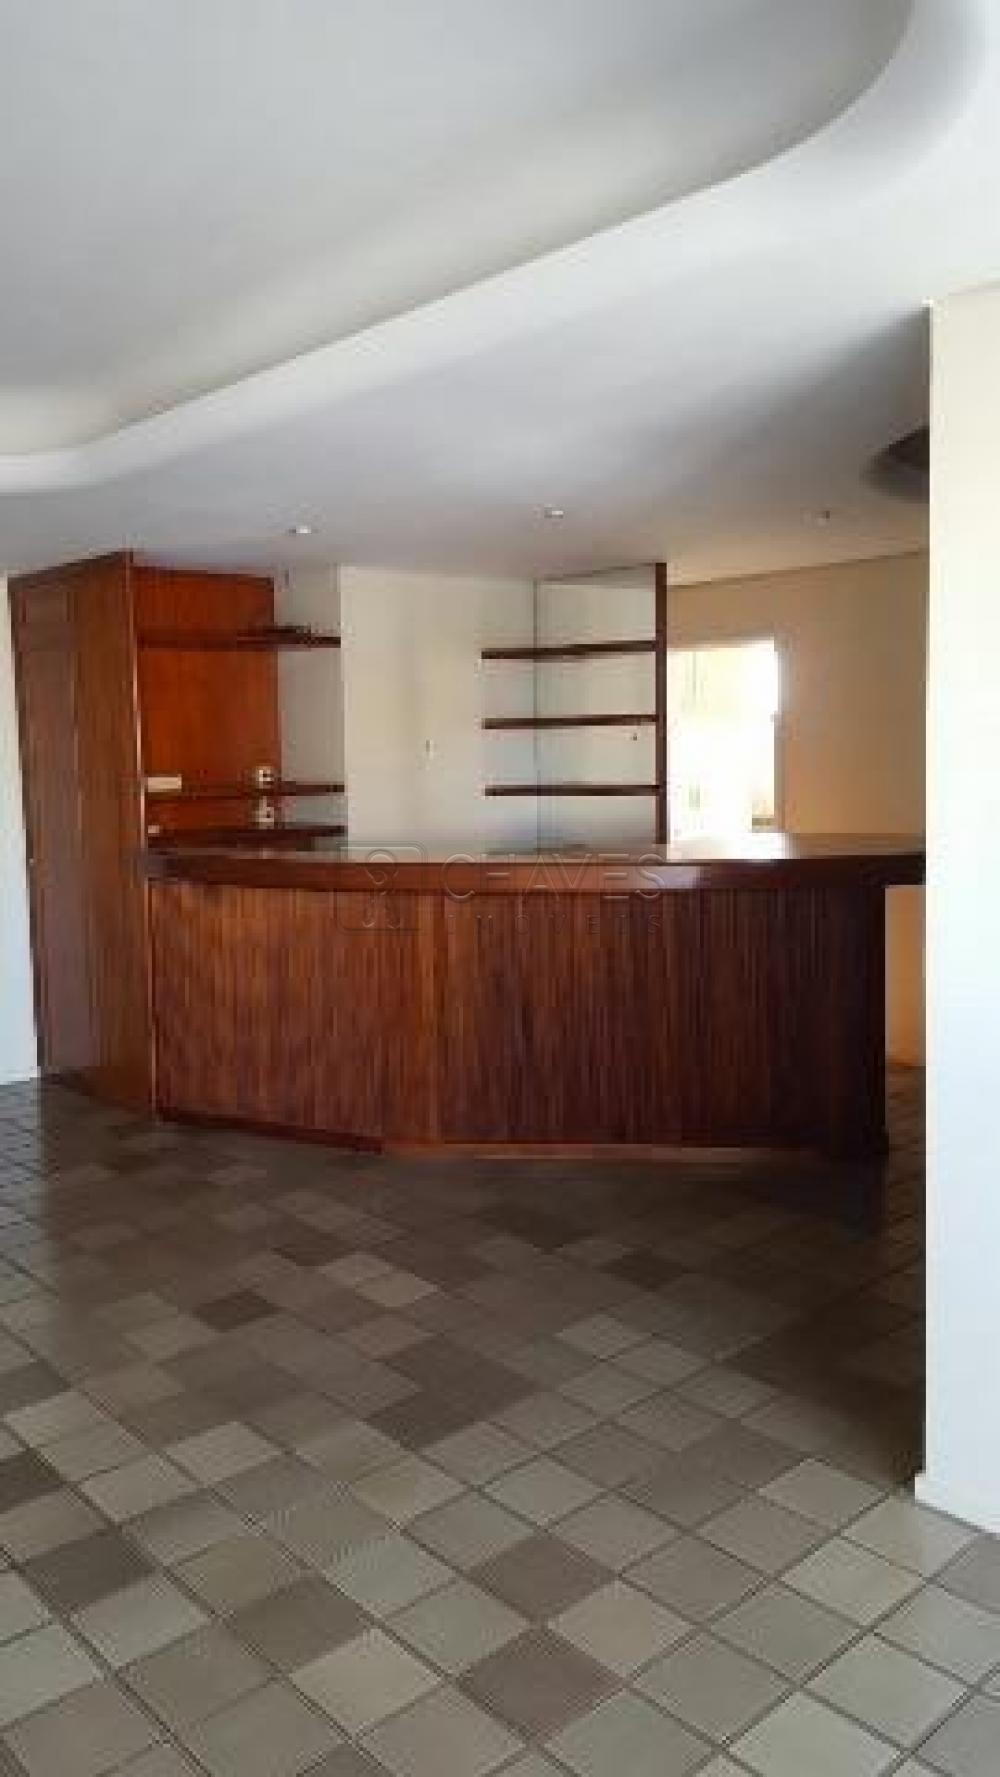 Alugar Apartamento / Cobertura em Ribeirão Preto apenas R$ 3.200,00 - Foto 3